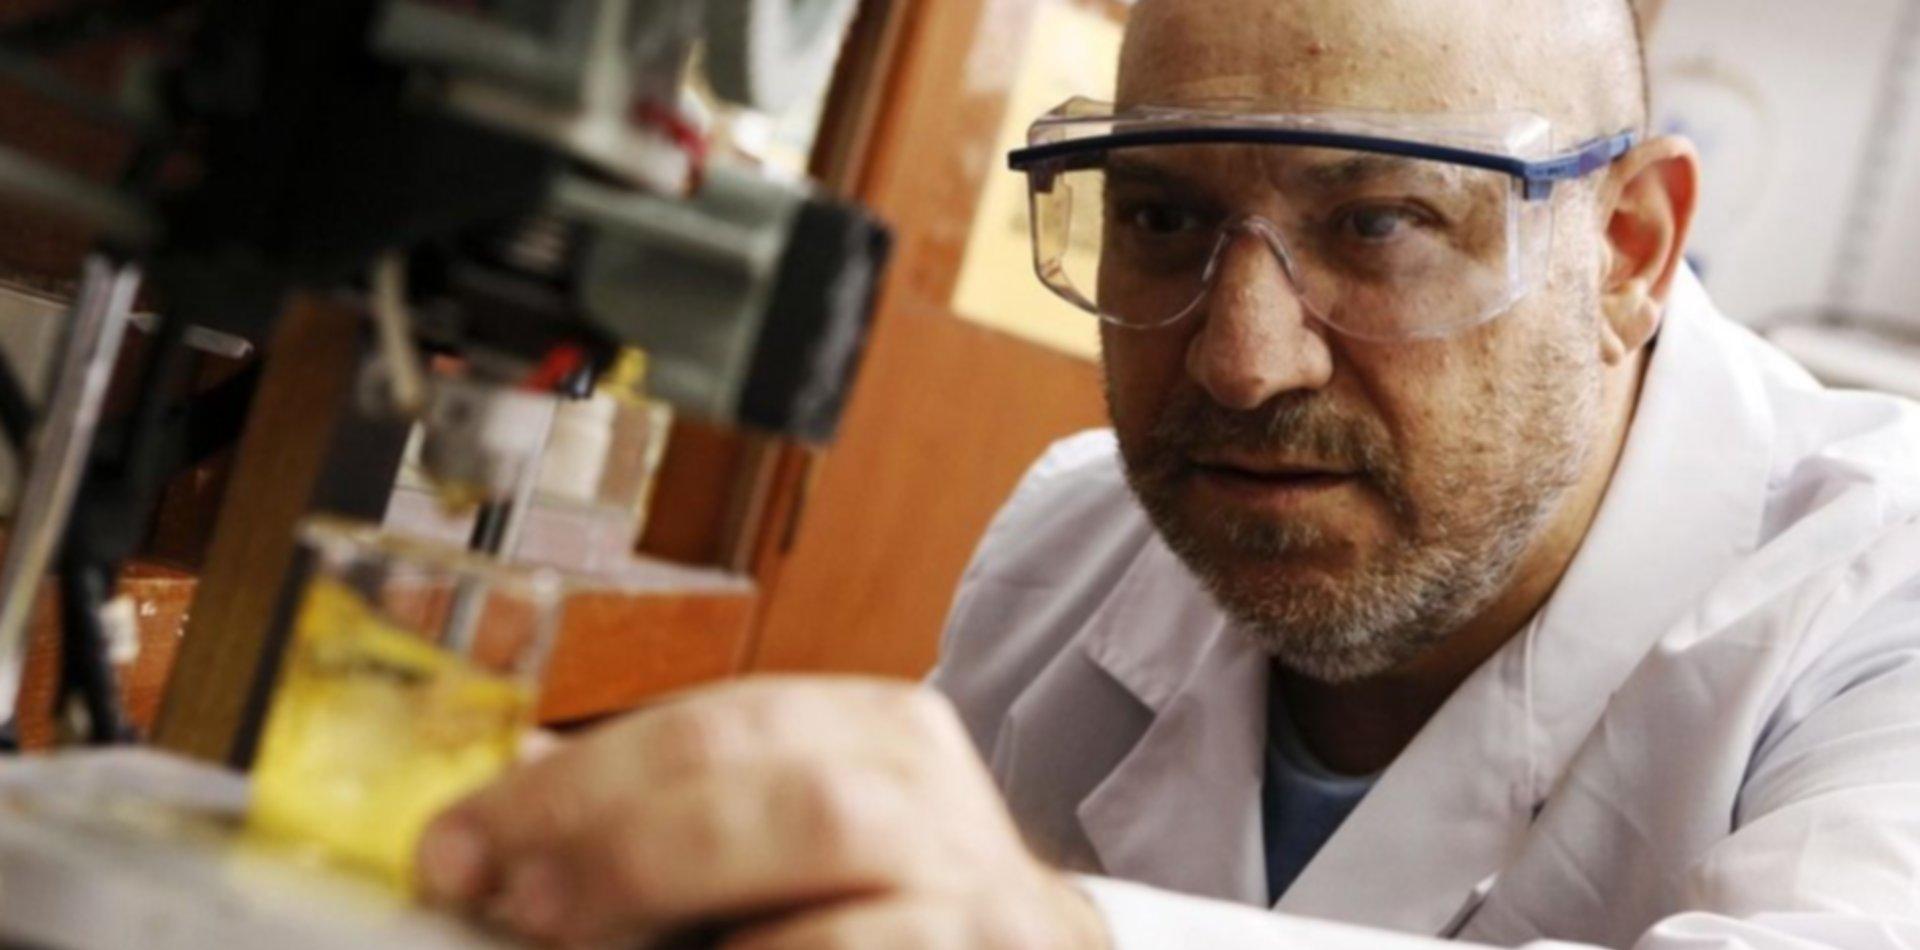 Científicos de la UNLP crearon un sistema para purificar agua servida y usarla para riego